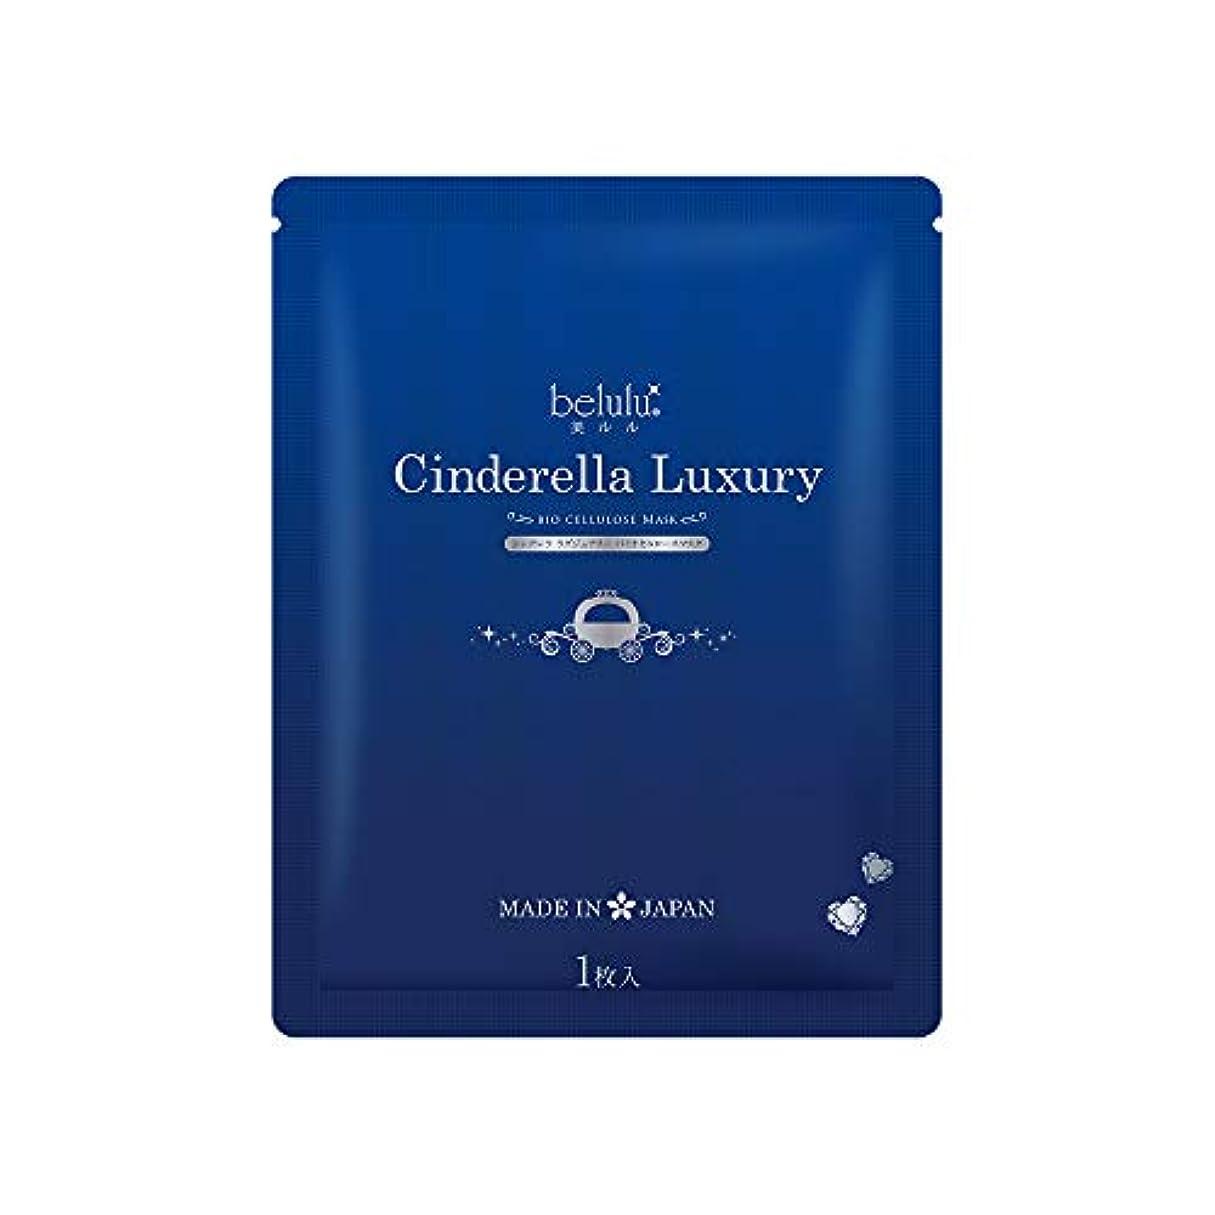 フォーカス糸ラインフェイスマスク 美ルル シンデレラ ラグジュアリー パック 美白 保湿 美肌 日本製 belulu Cinderella Luxury